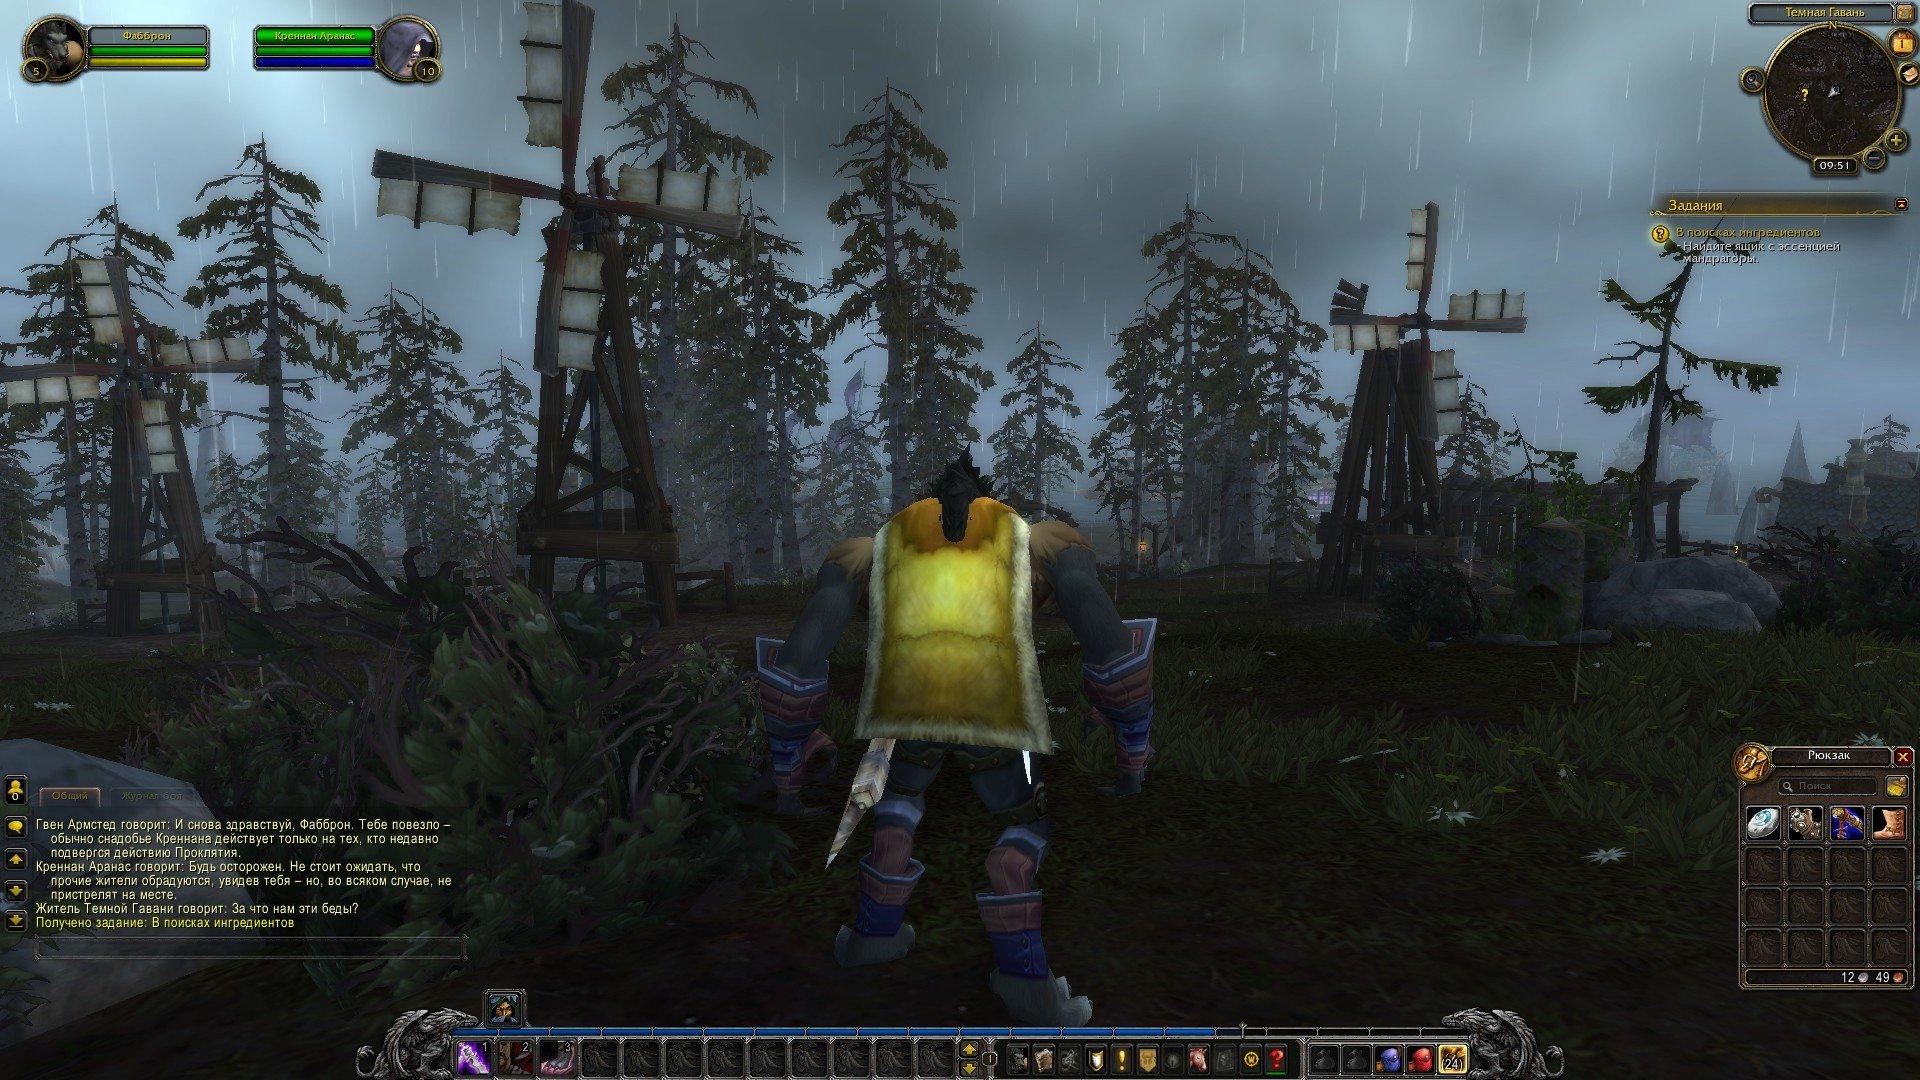 Путешествие по World of Warcraft ... Знакомство - Изображение 29